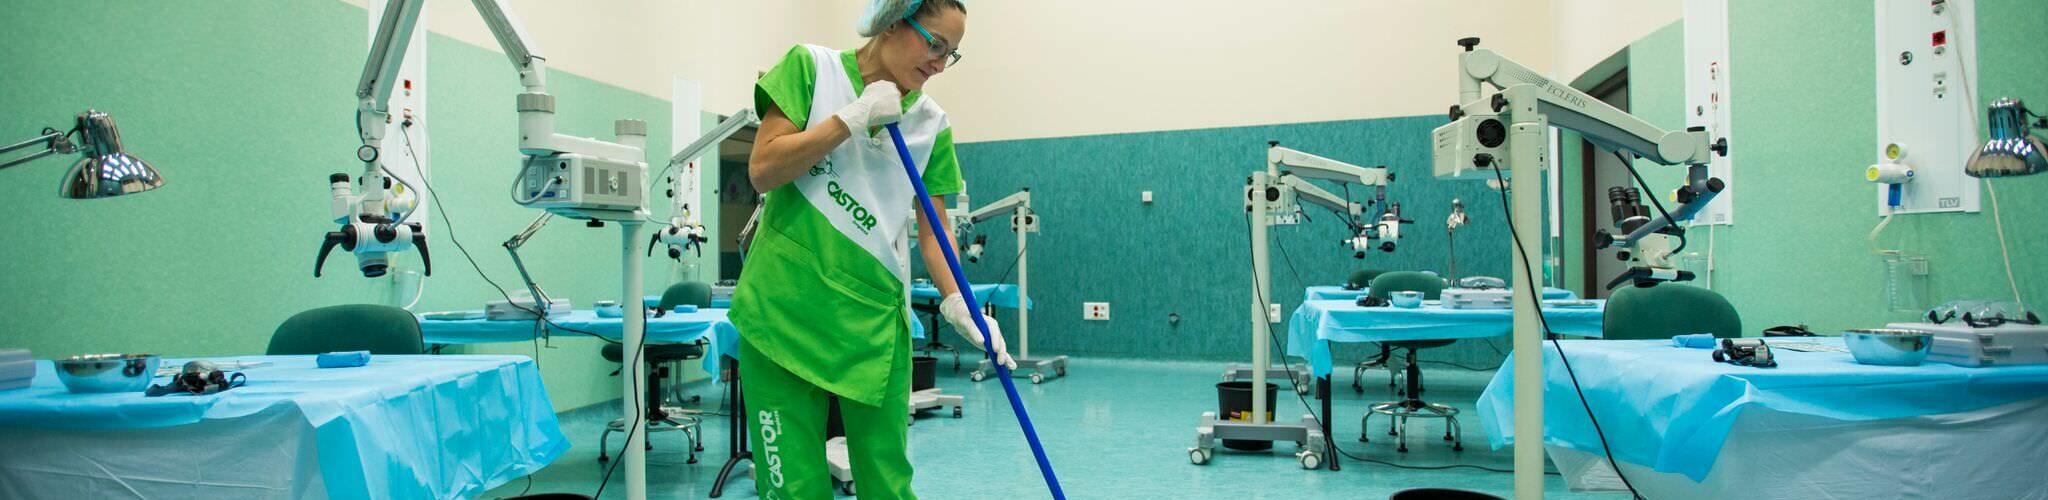 Limpiezas Castor. empresa-limpieza-madrid-2048x500 Empresa de limpieza en Madrid